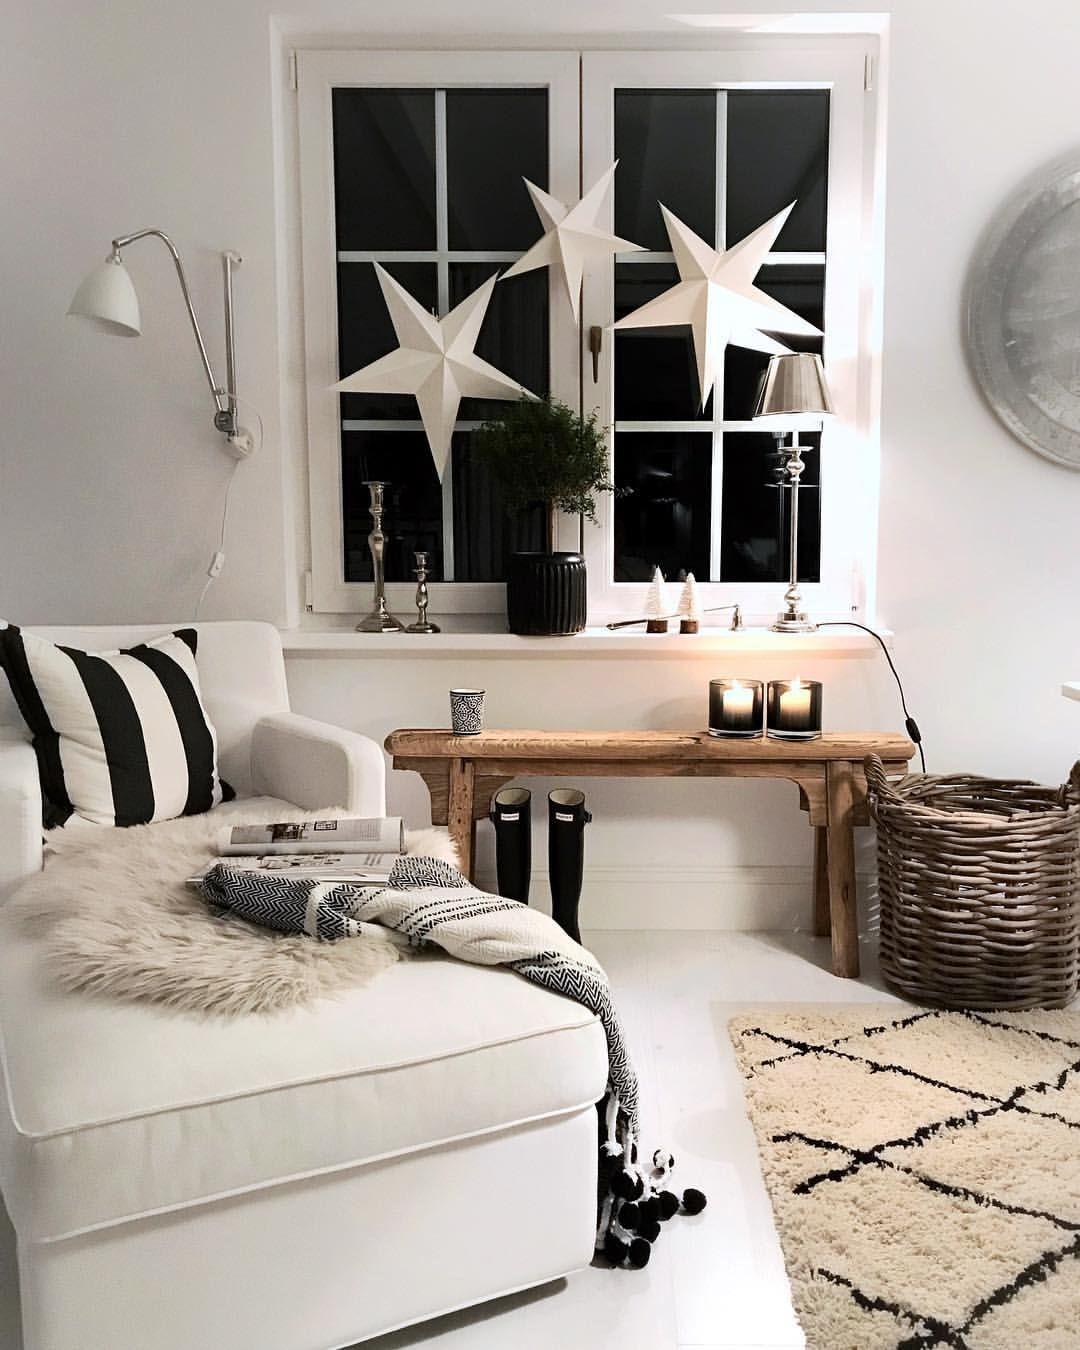 HOUSE of IDEAS Orientalische Dekorationsartikel und Wohnaccessoires #gemütlicheweihnachten